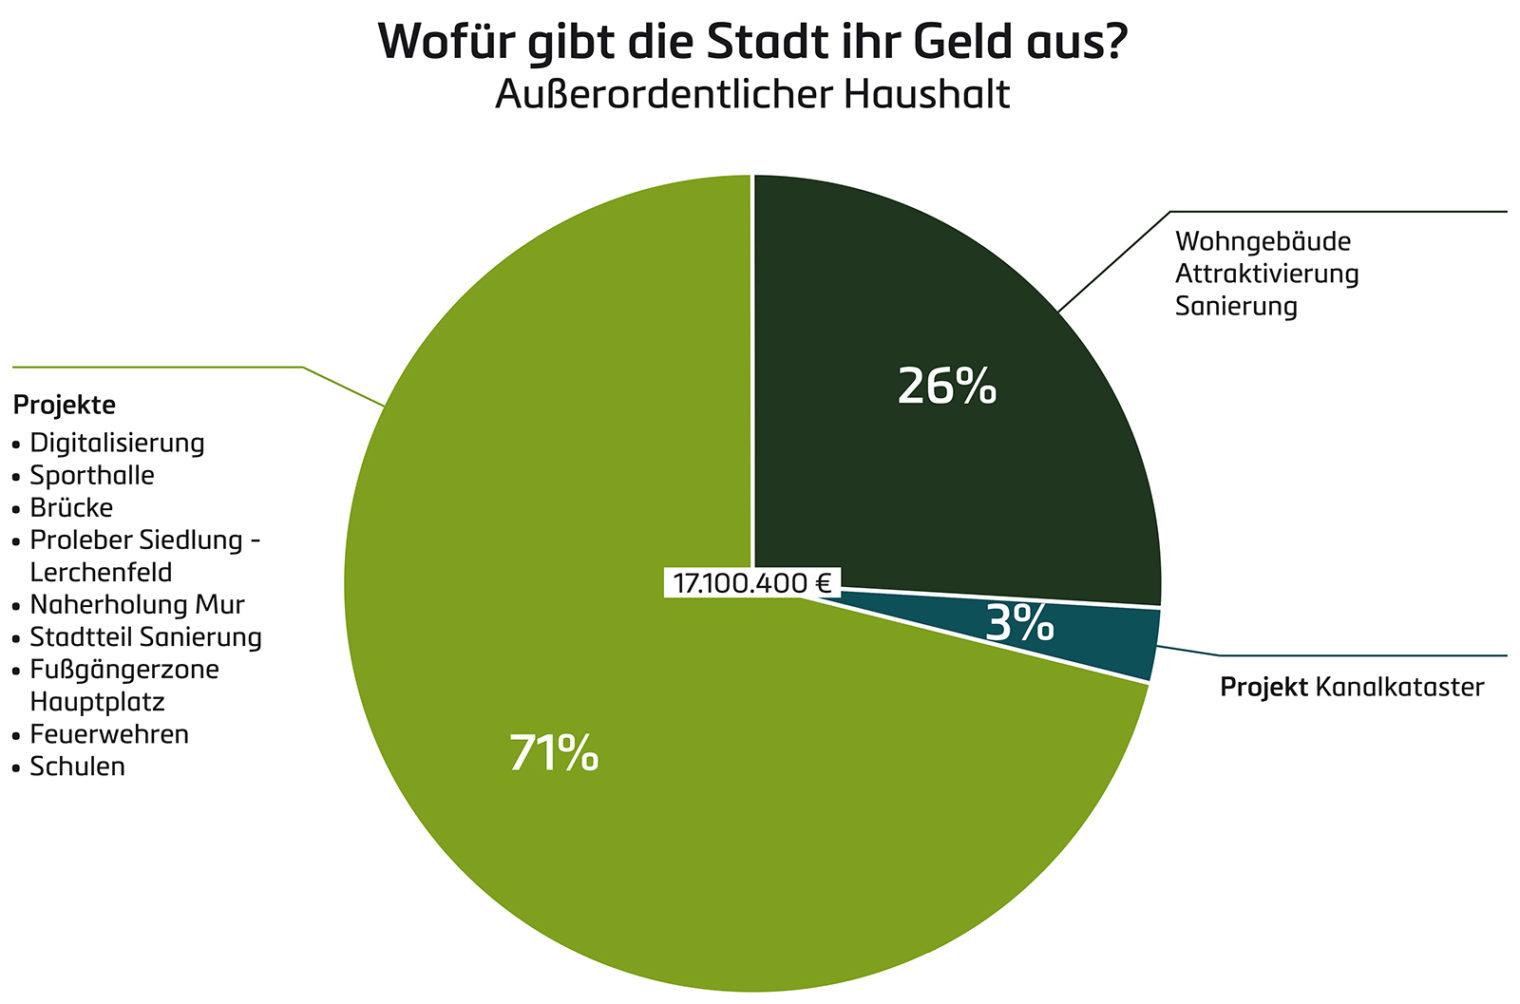 Grafik: Außerordentlicher Haushalt - Wofür gibt die Stadt ihr Geld aus?